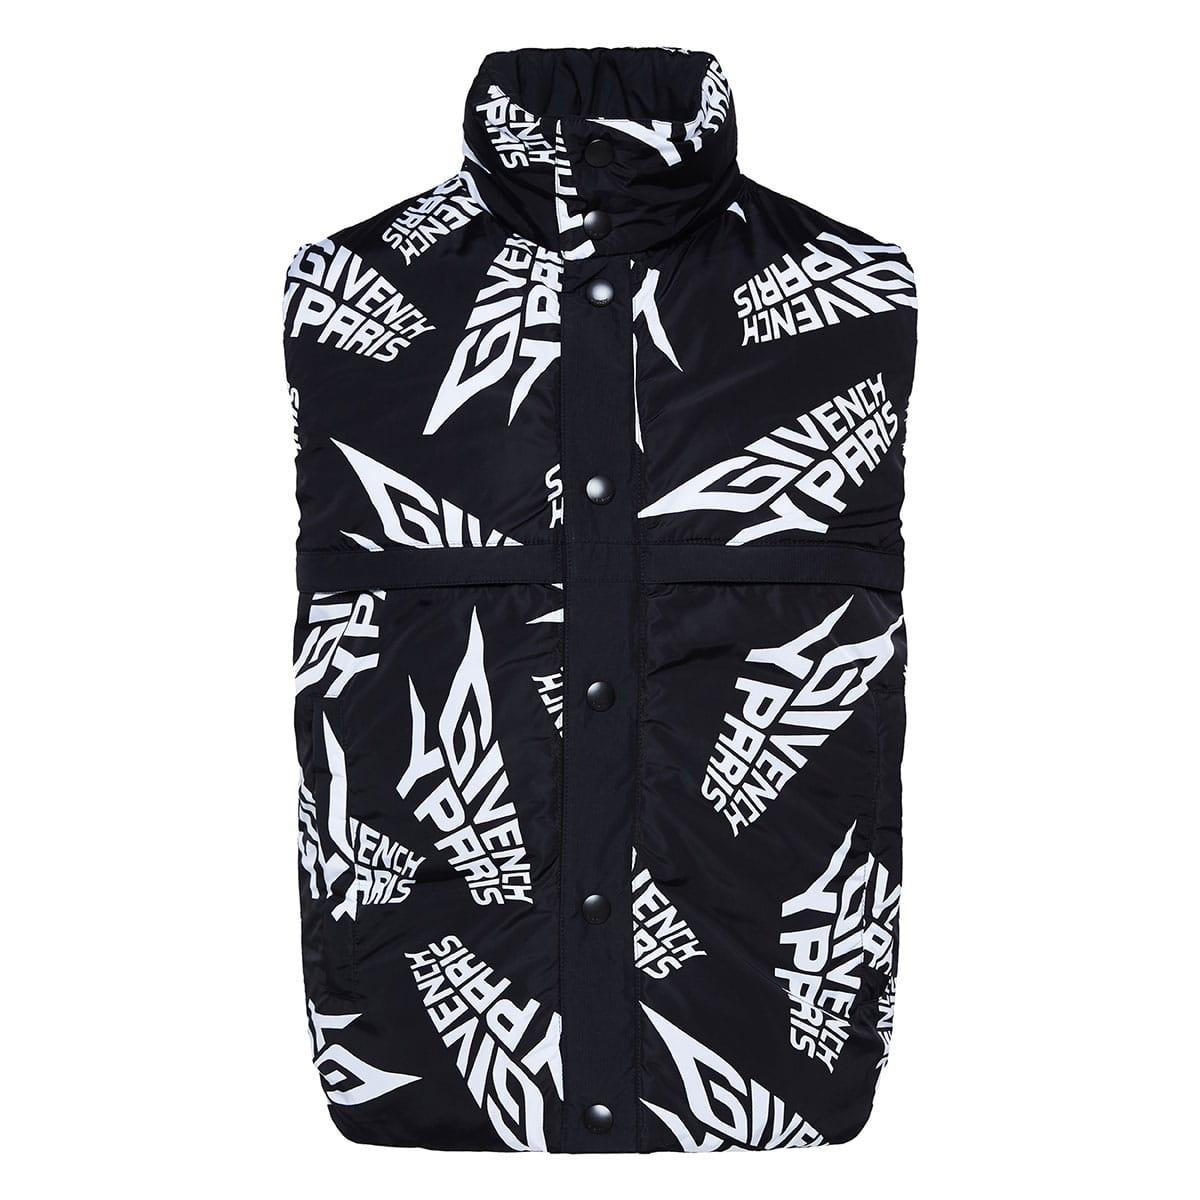 Reversible logo padded gilet jacket